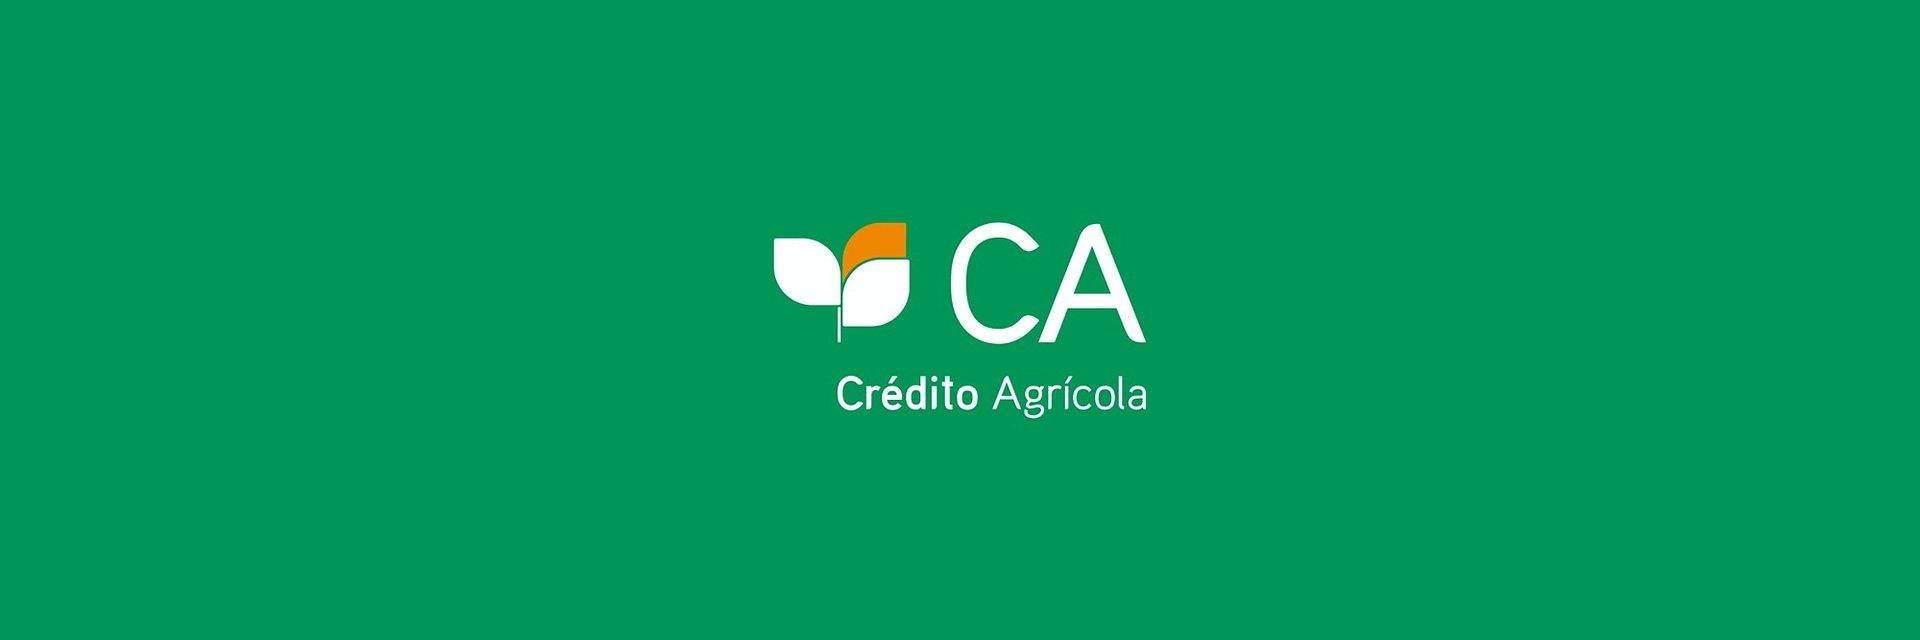 Crédito Agrícola participou em ronda de investimento de €8,5M